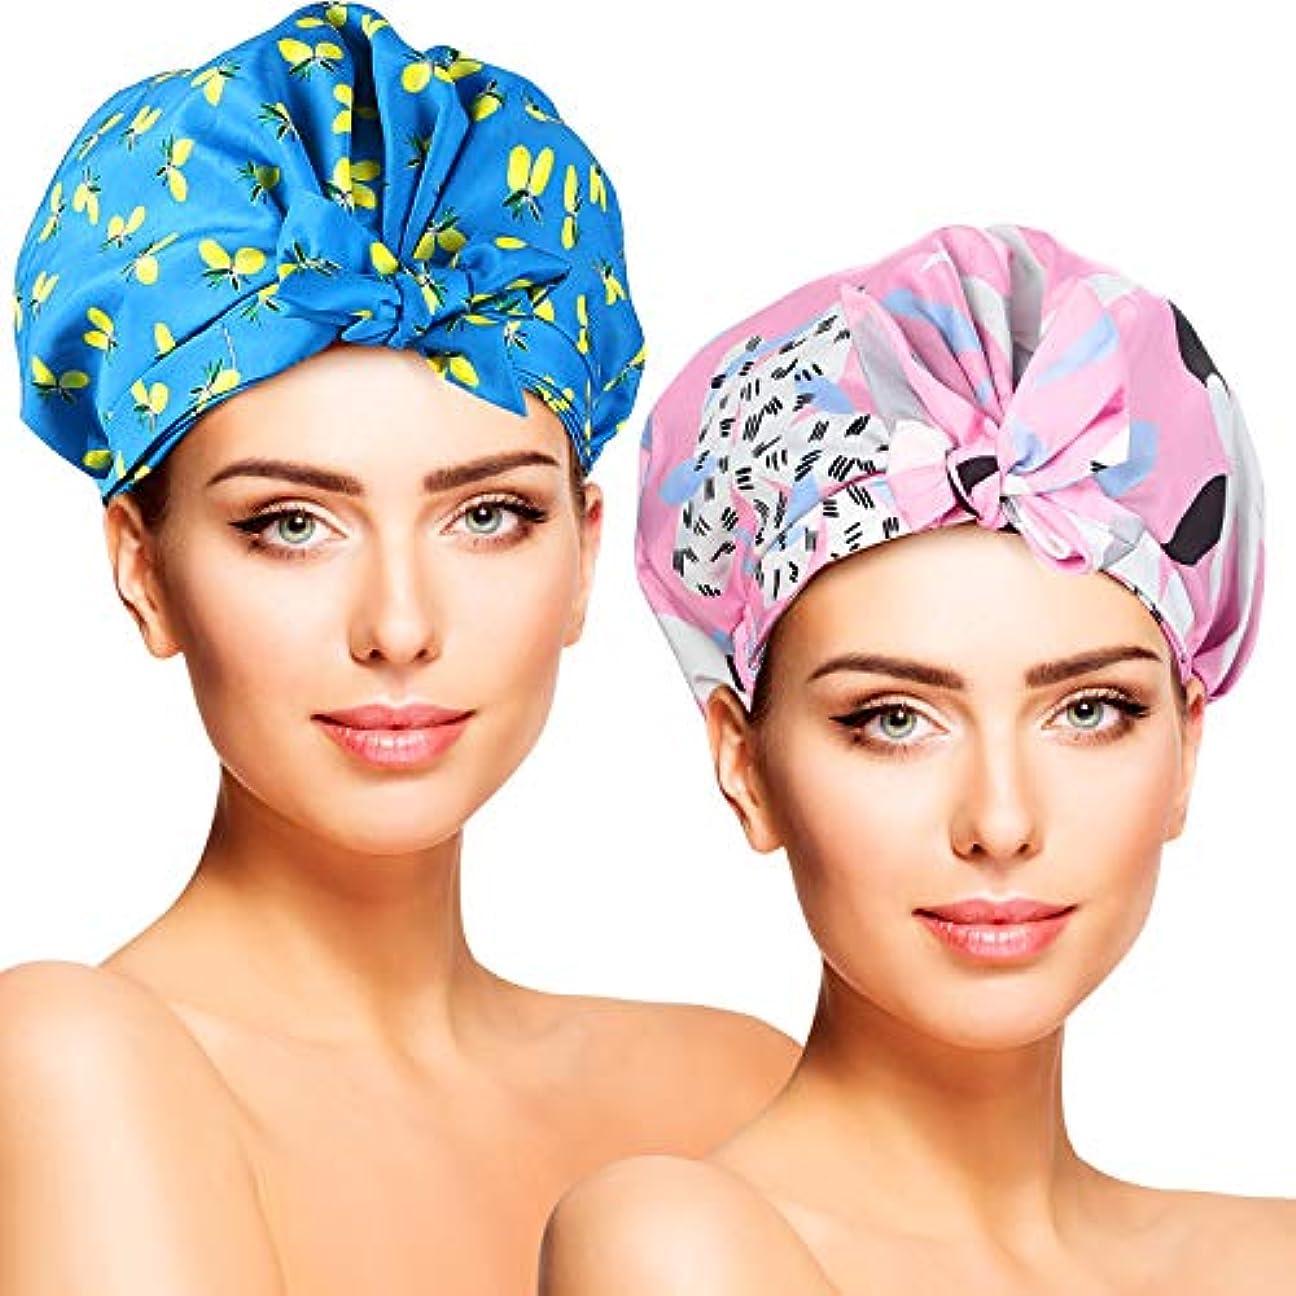 ボウリングラリー受取人YISUN シャワーキャップ 2枚セット 二重層防水 耐久性 抗菌性 お風呂 シャワー SPA 調理 洗顔用 多機能 実用性 男女兼用